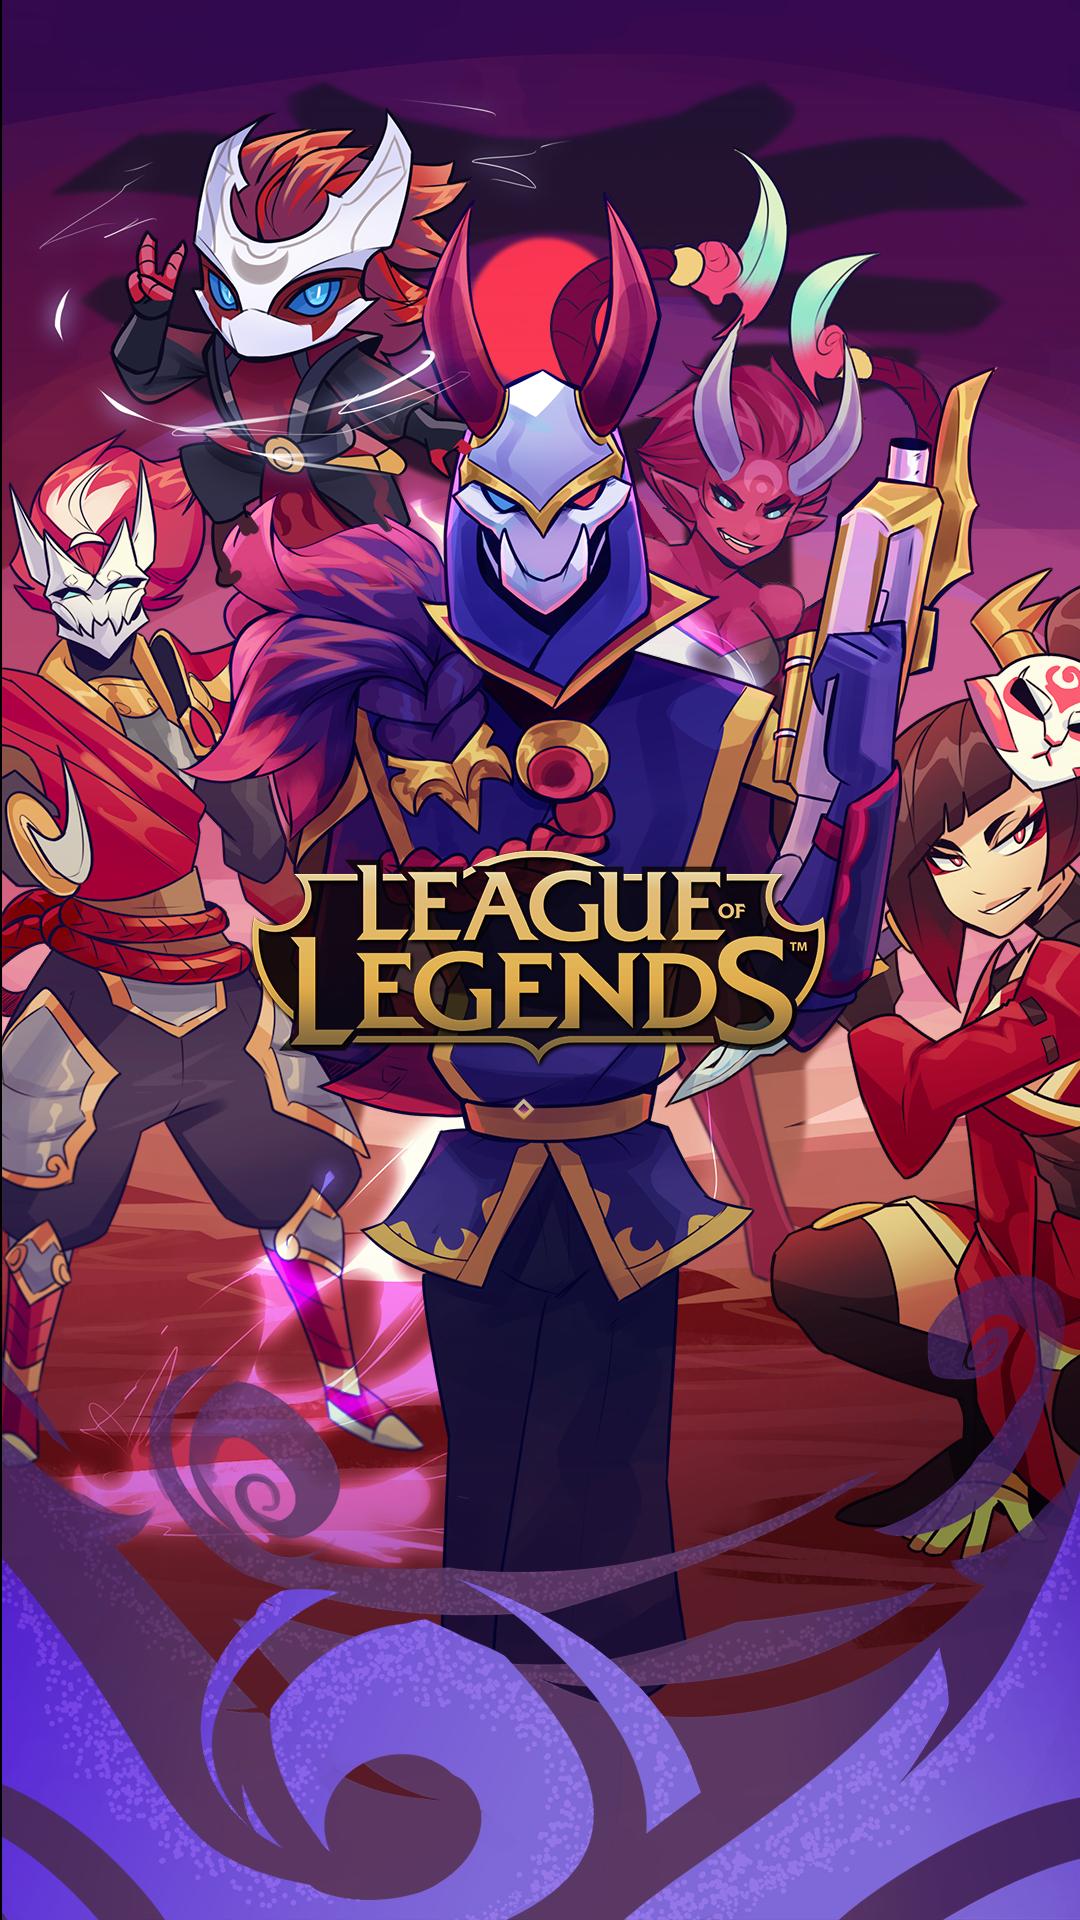 Pin De Jacky Sato Em League Of Legends Lol League Of Legends Liga Dos Lendarios Fotos Hd